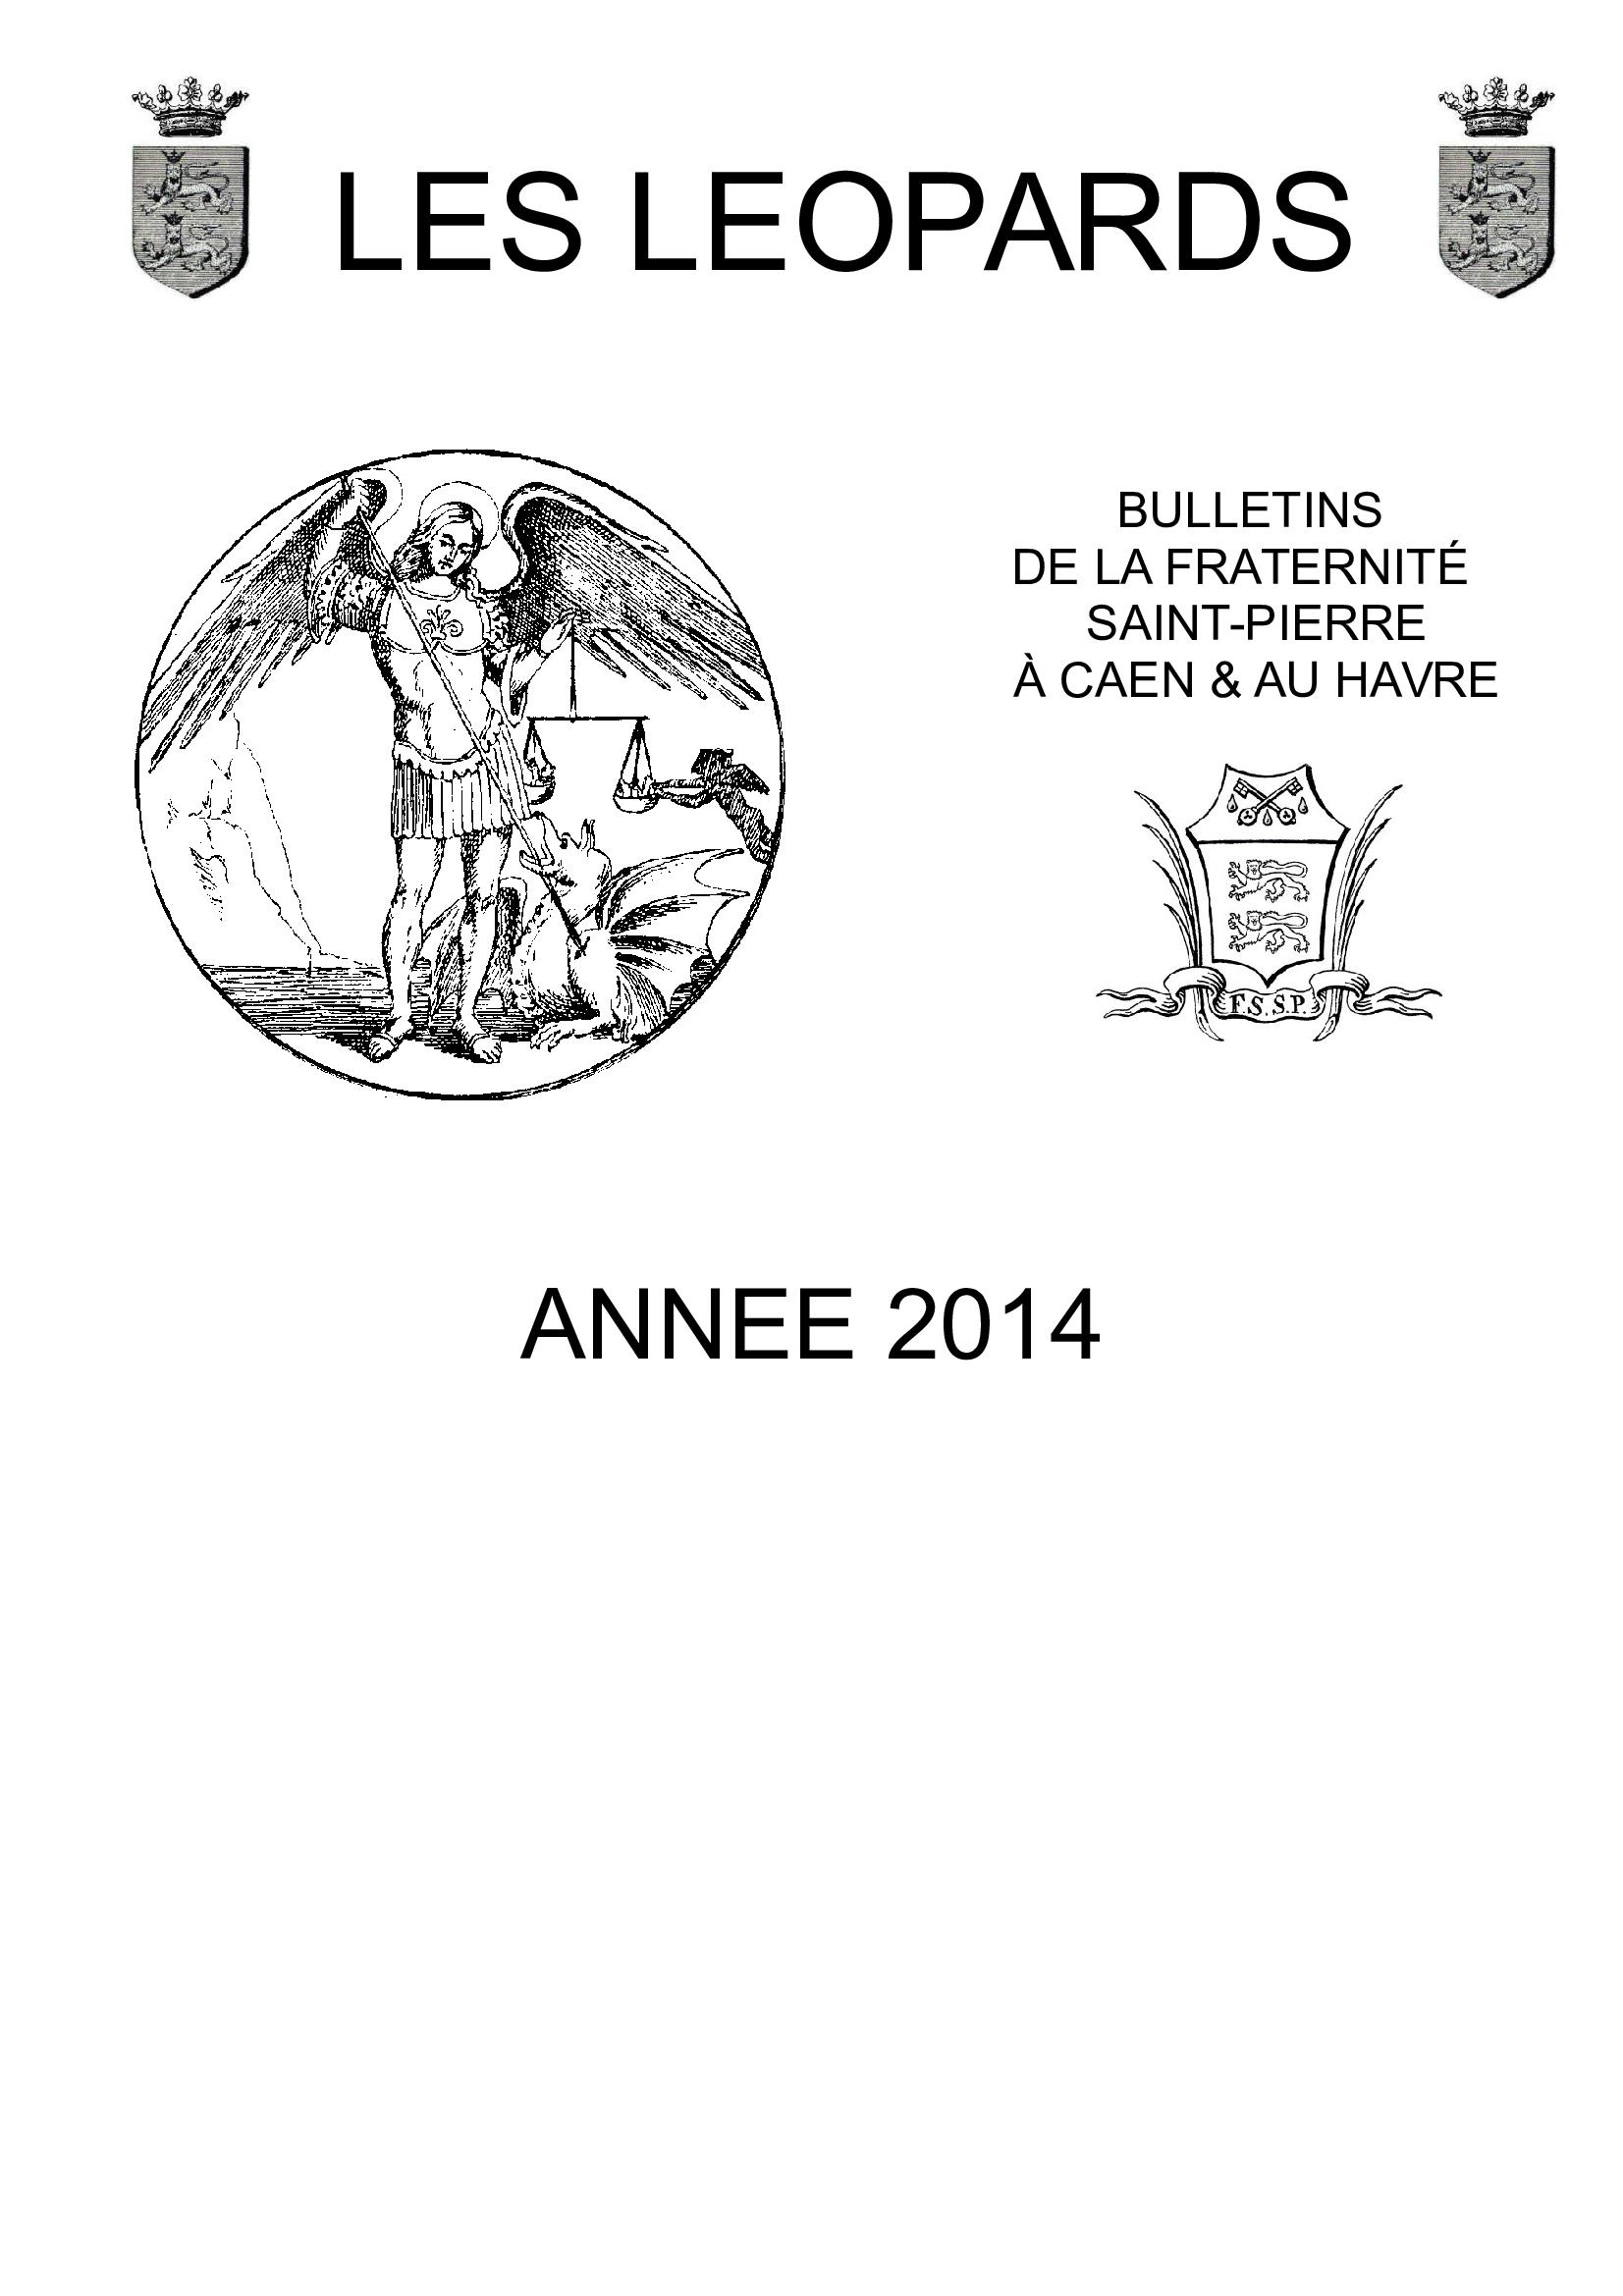 Bulletins de l'année 2014